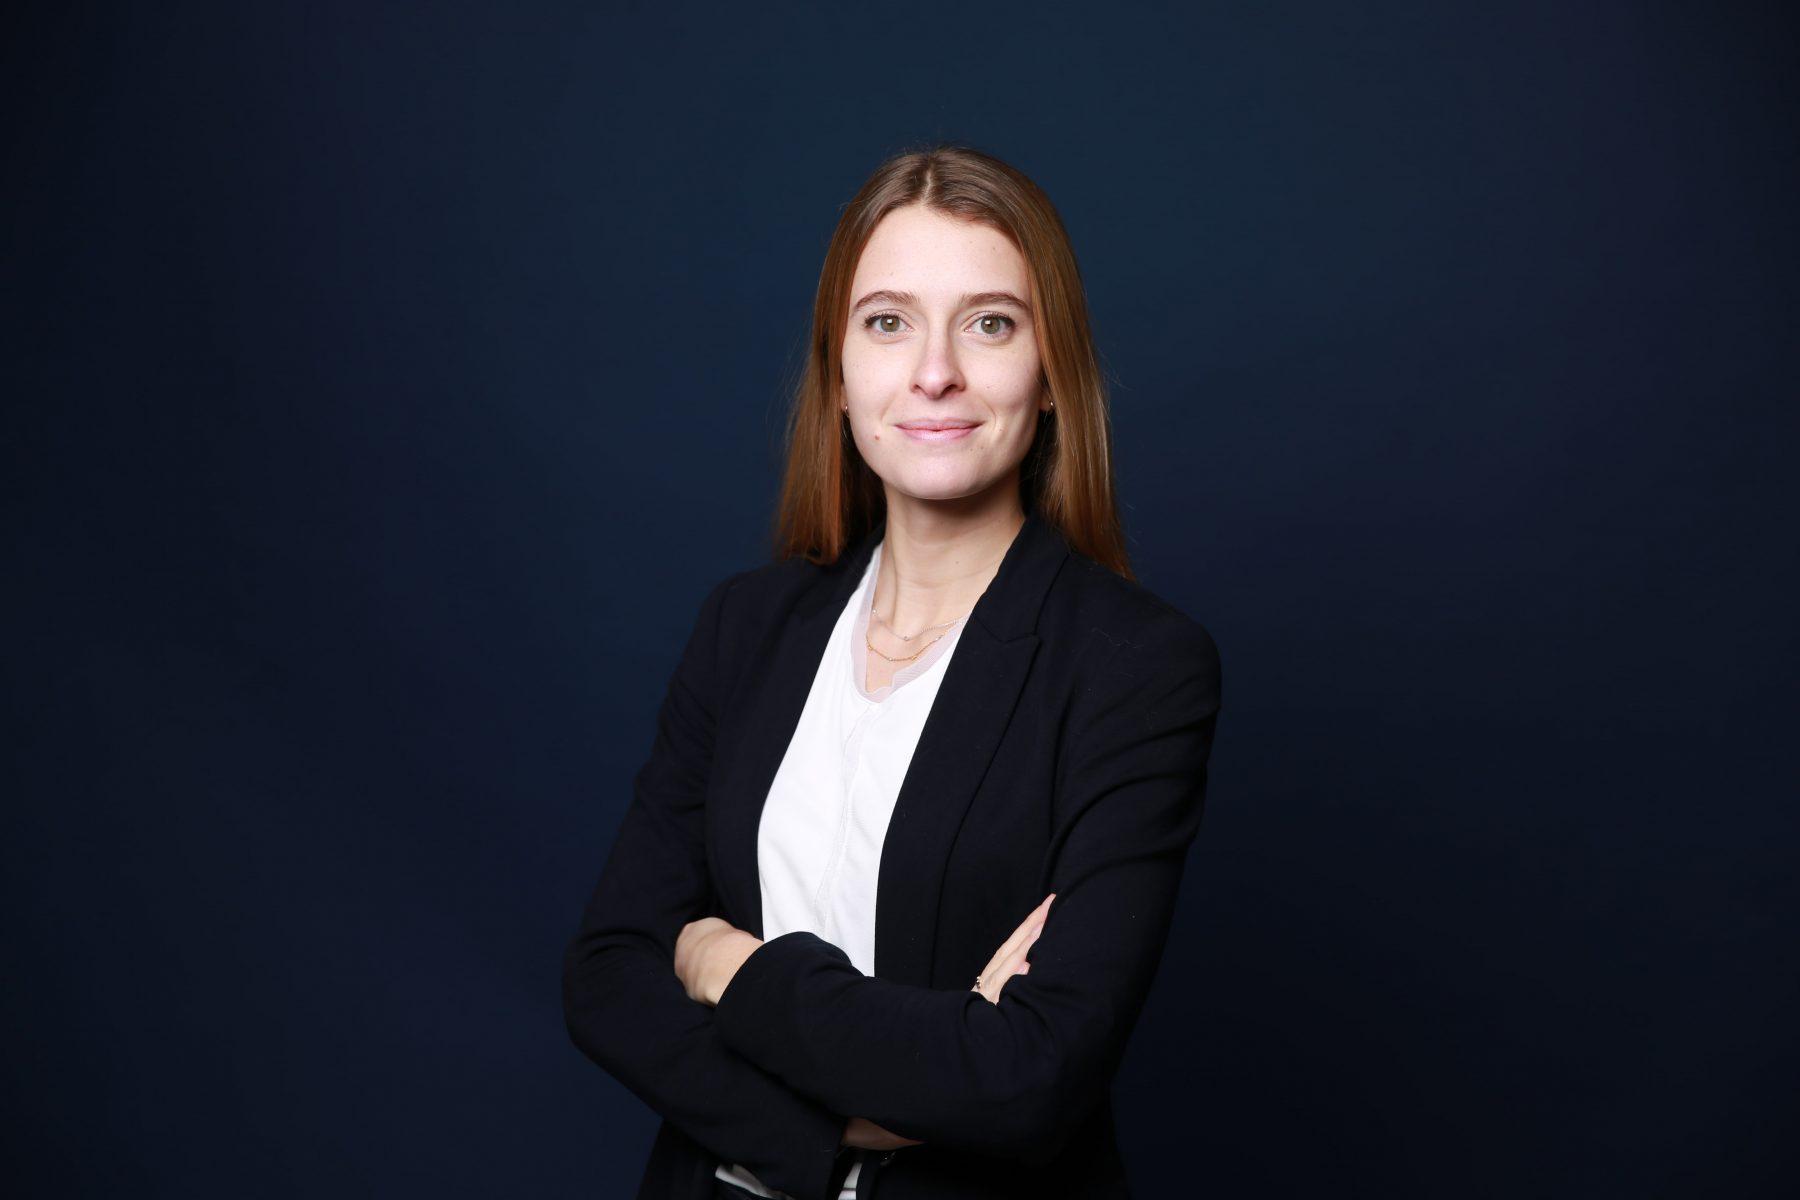 Nathaelle Gozlan